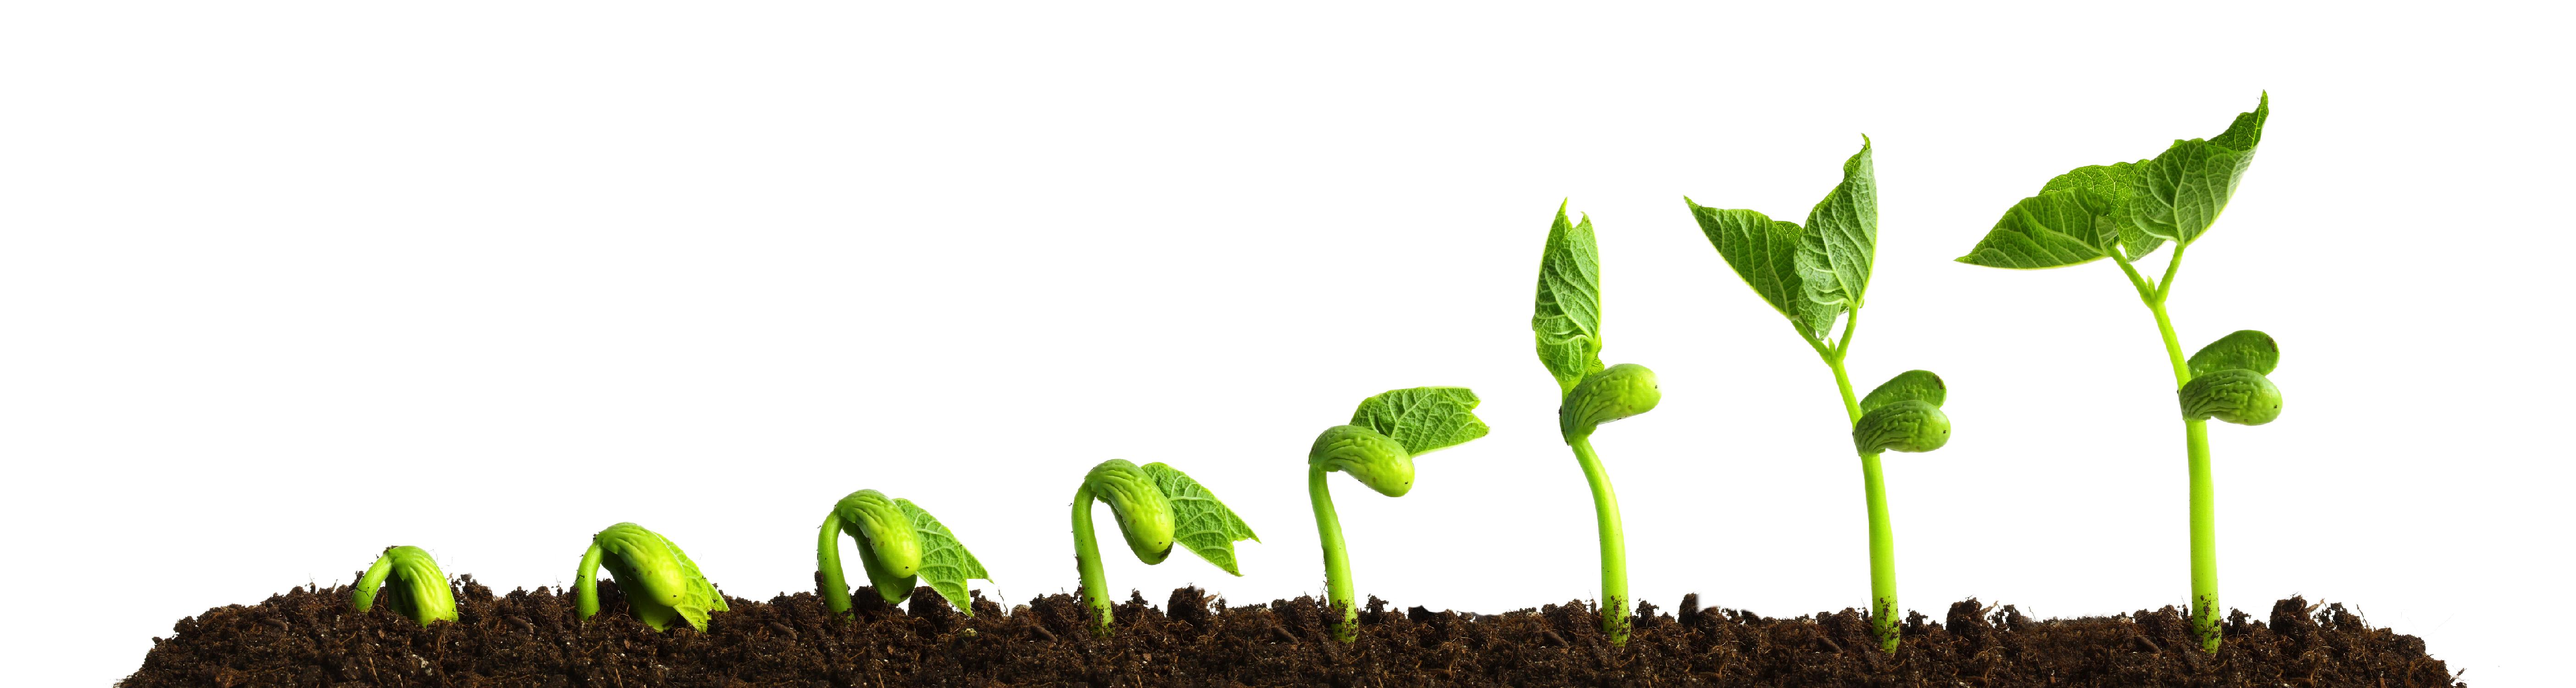 8 preguntas - crecer plantas 2.0